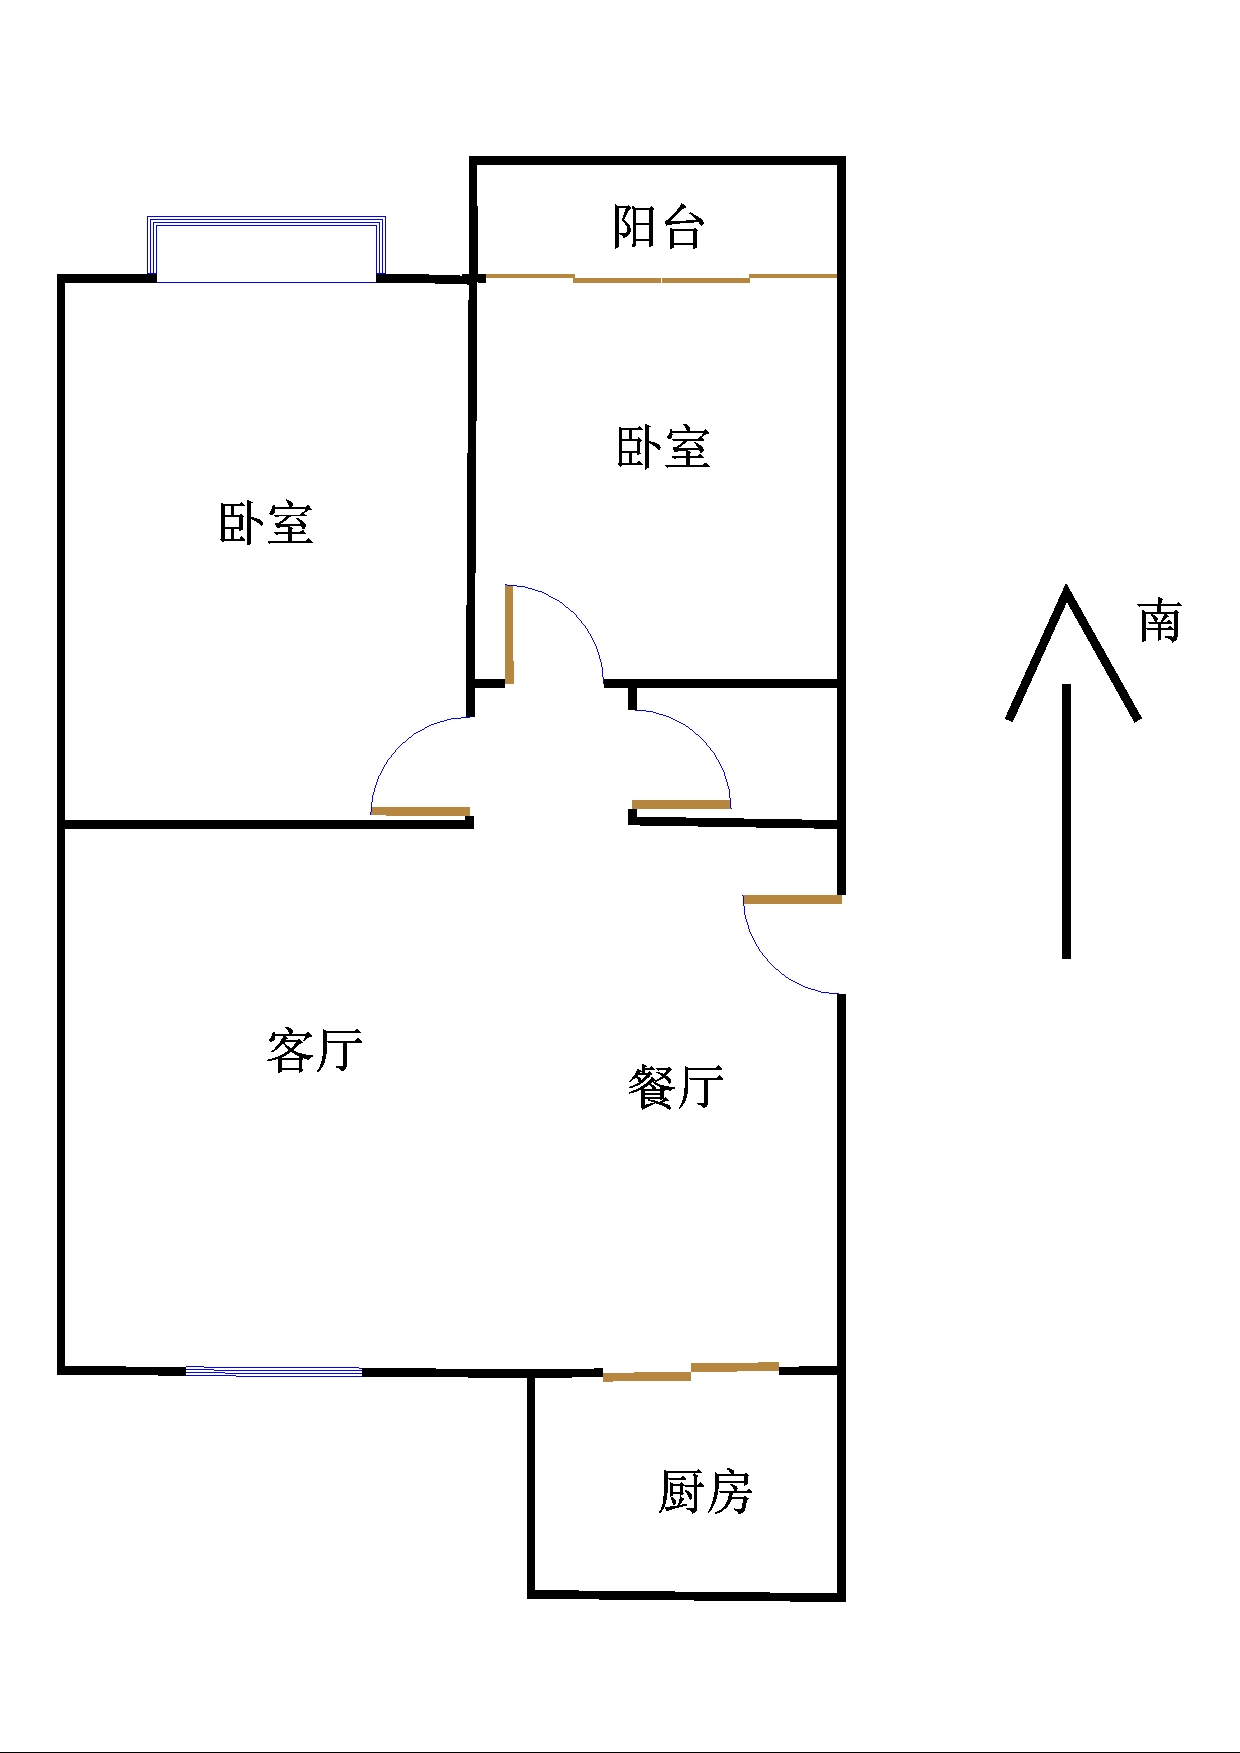 嘉诚尚东 2室2厅 1楼